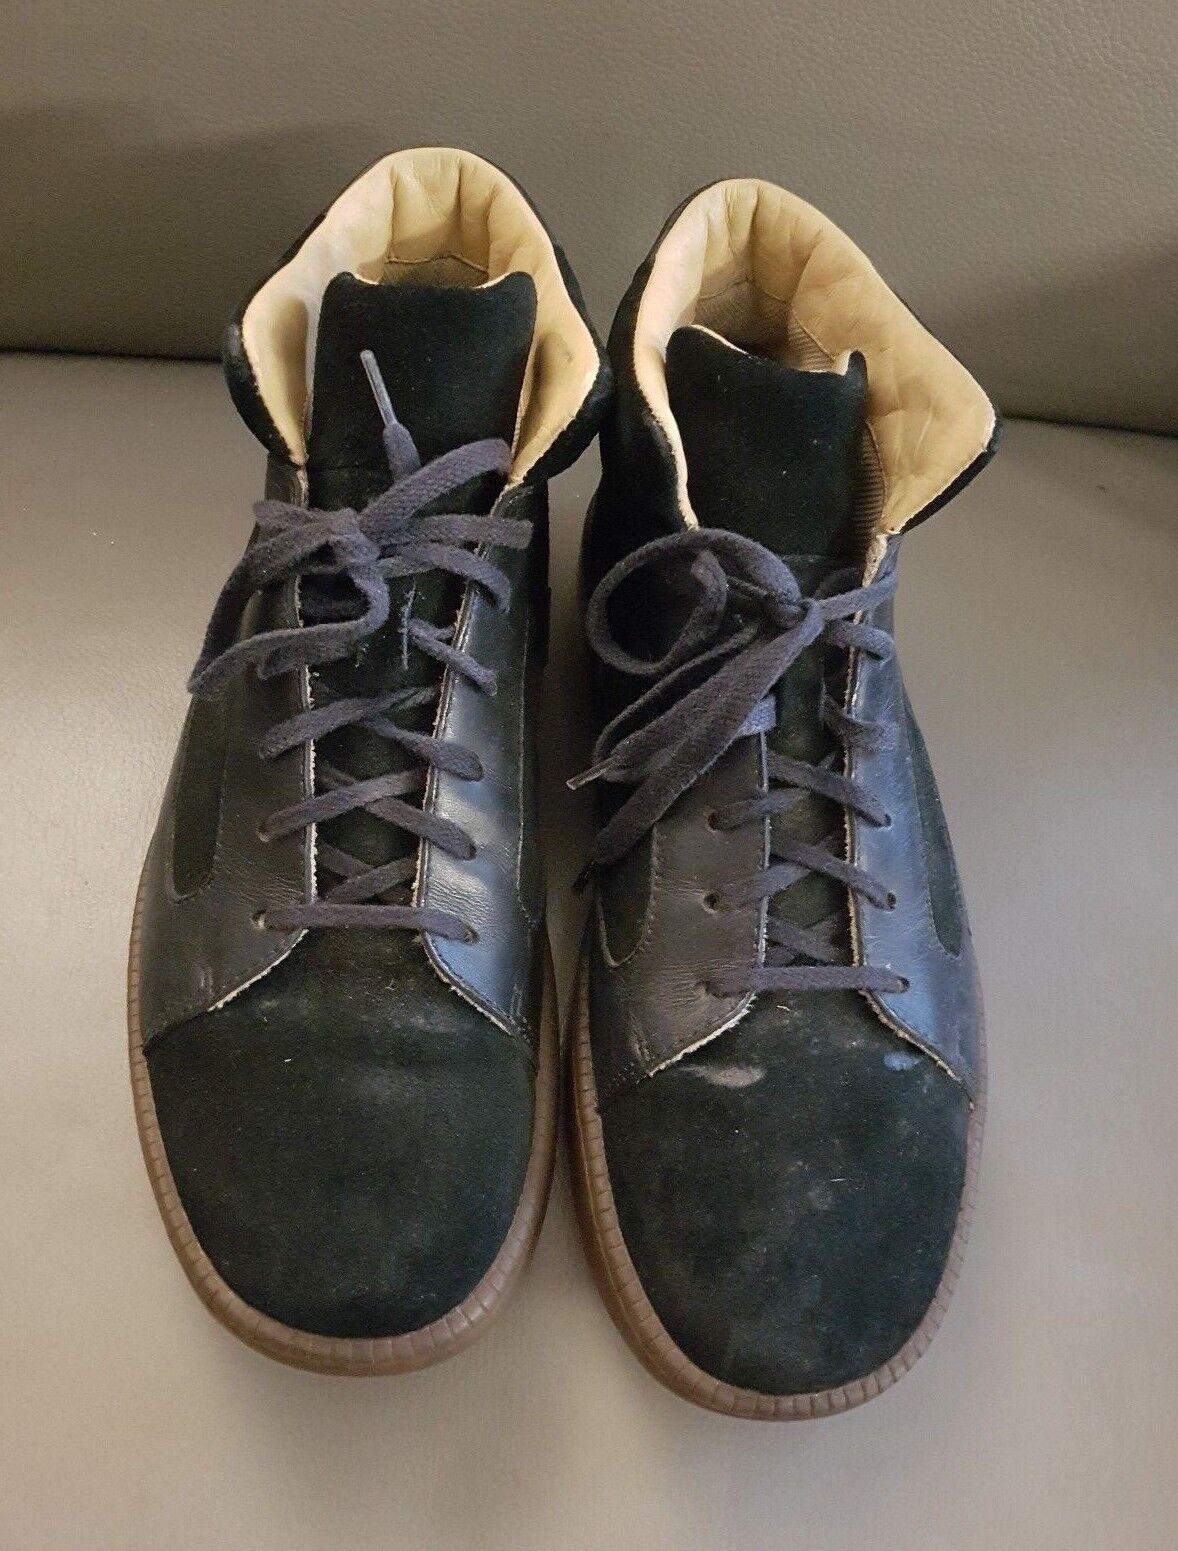 Clarks Boots Herrenschuhe Stiefeletten Wildleder schwarz Gr  8.5 / 42.5 G TOP